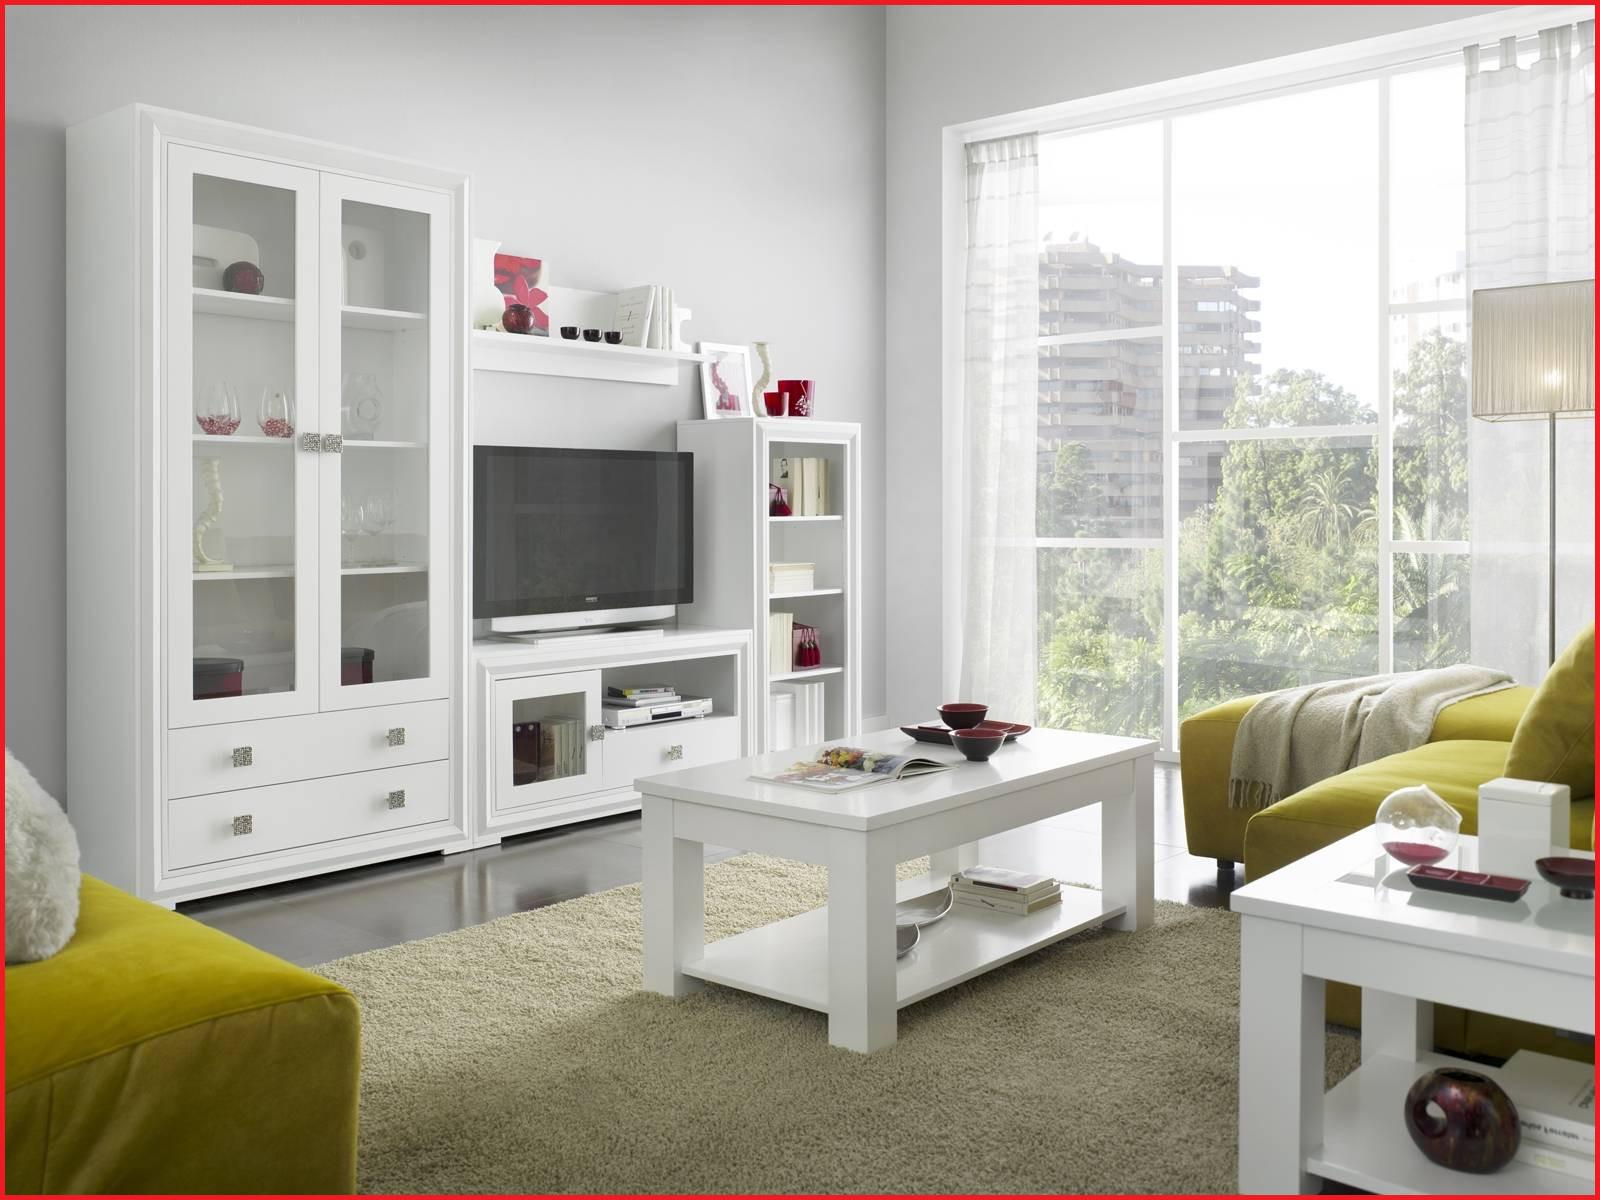 Muebles Estilo Colonial Moderno Ipdd Mueble Colonial Blanco Muebles Estilo Colonial Moderno Good